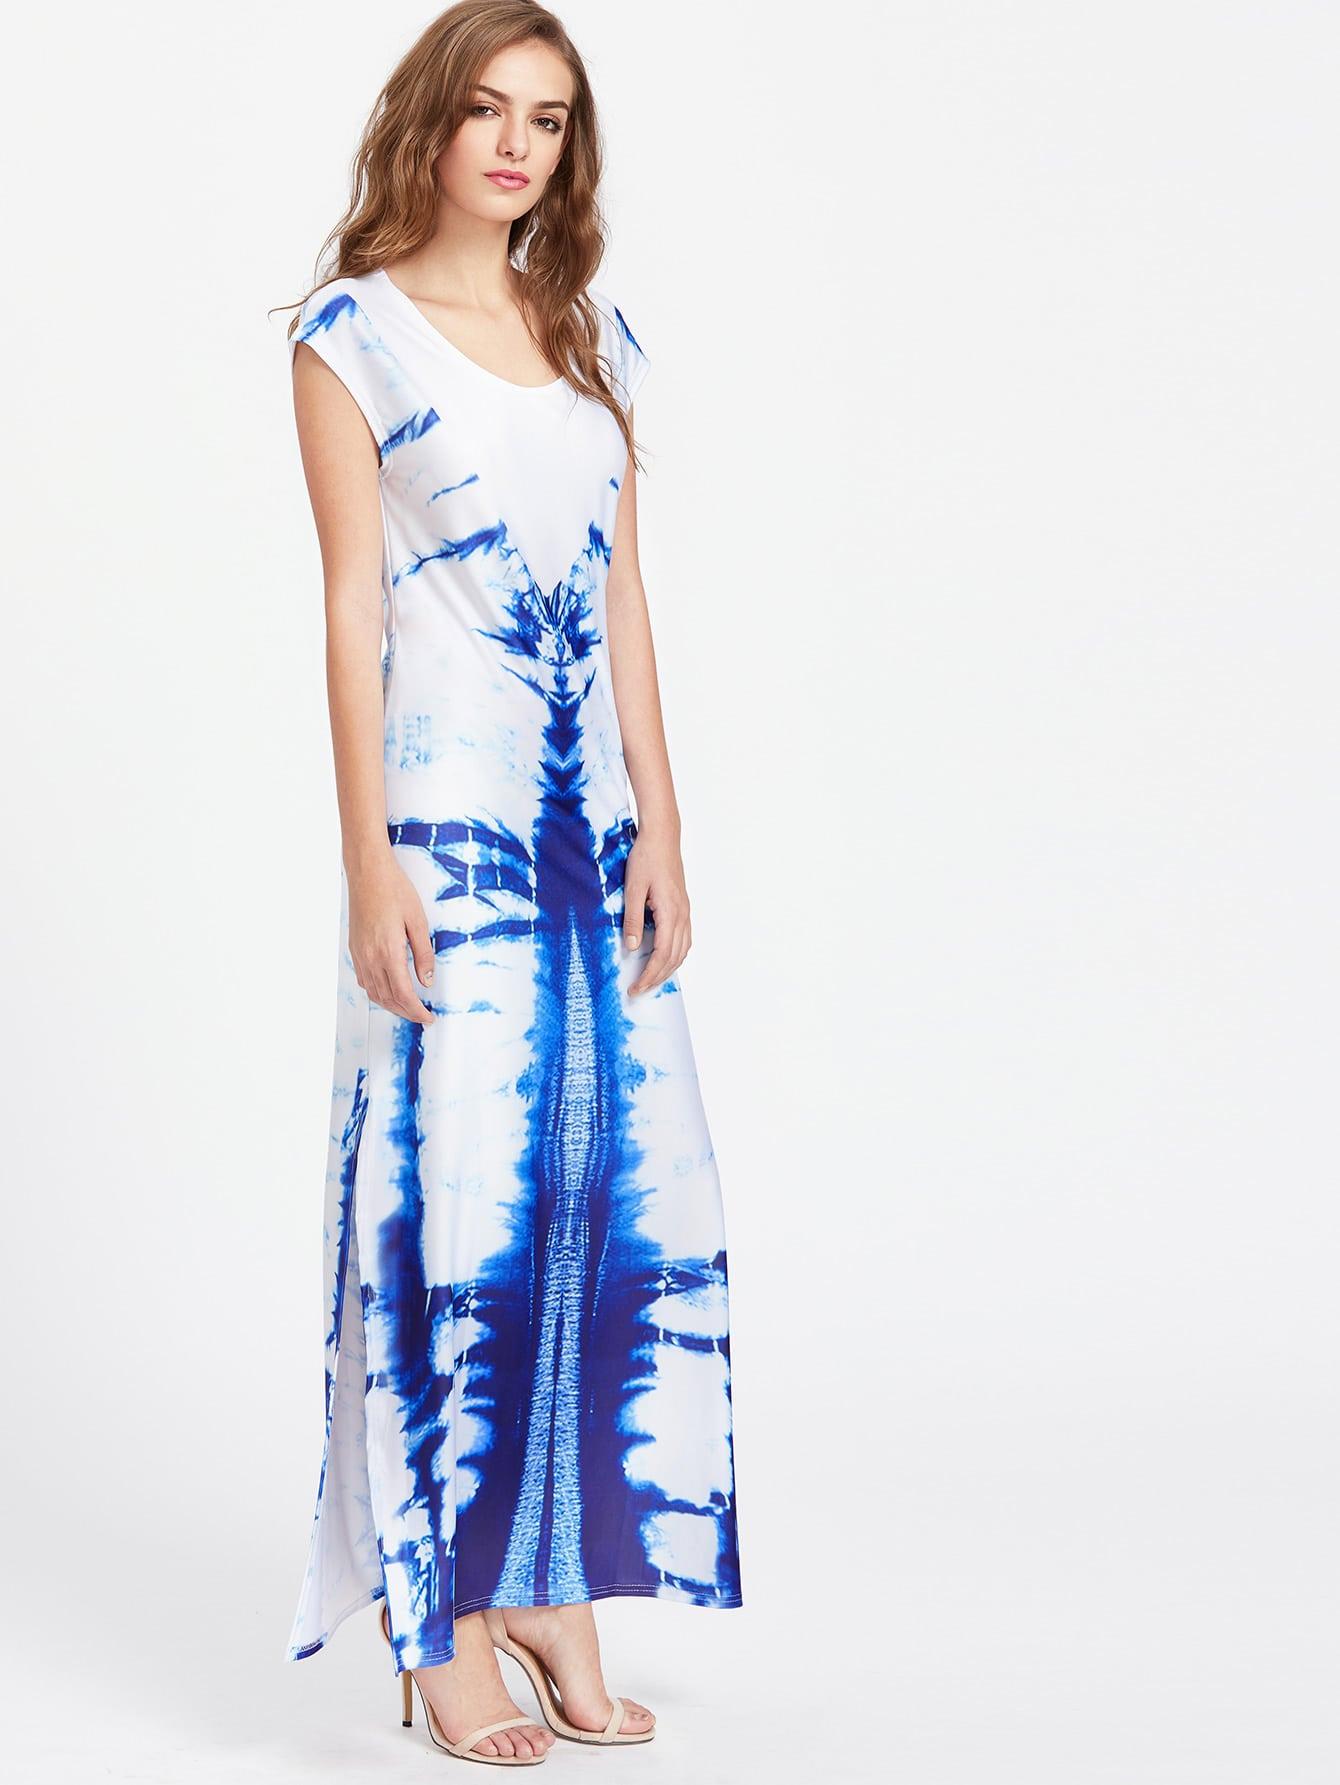 dress170419105_2